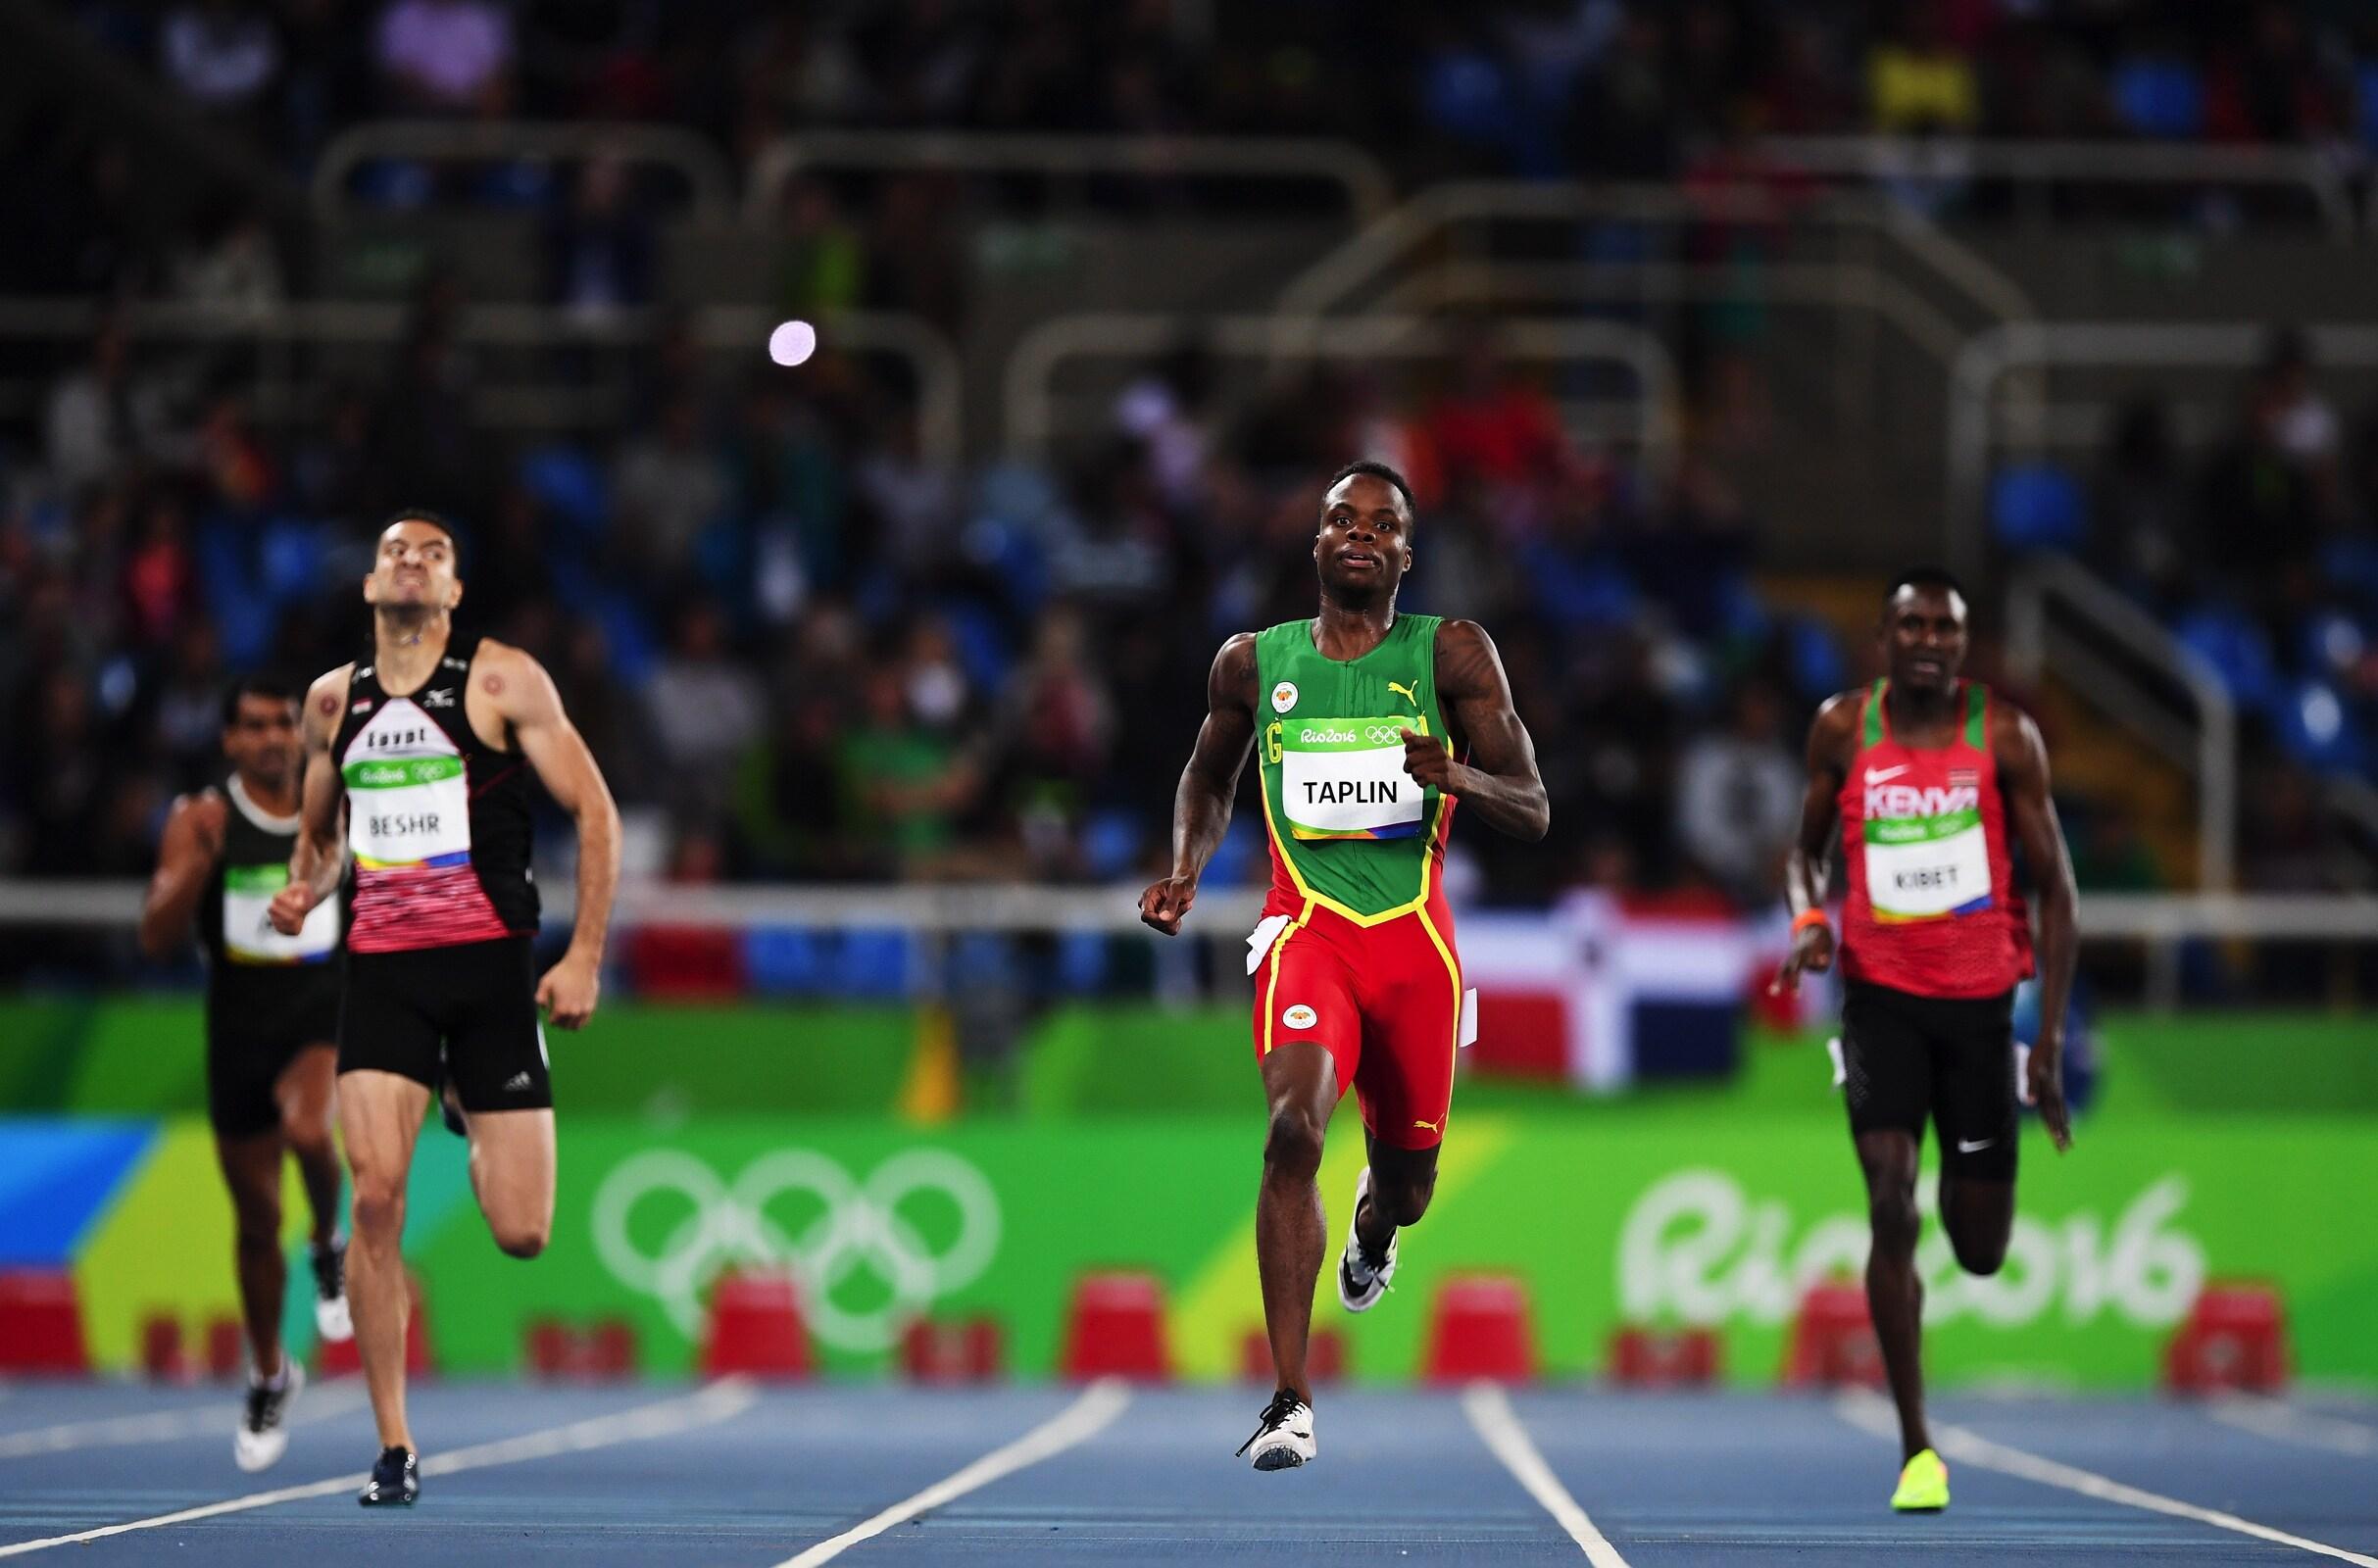 Athletics - Men's 800m